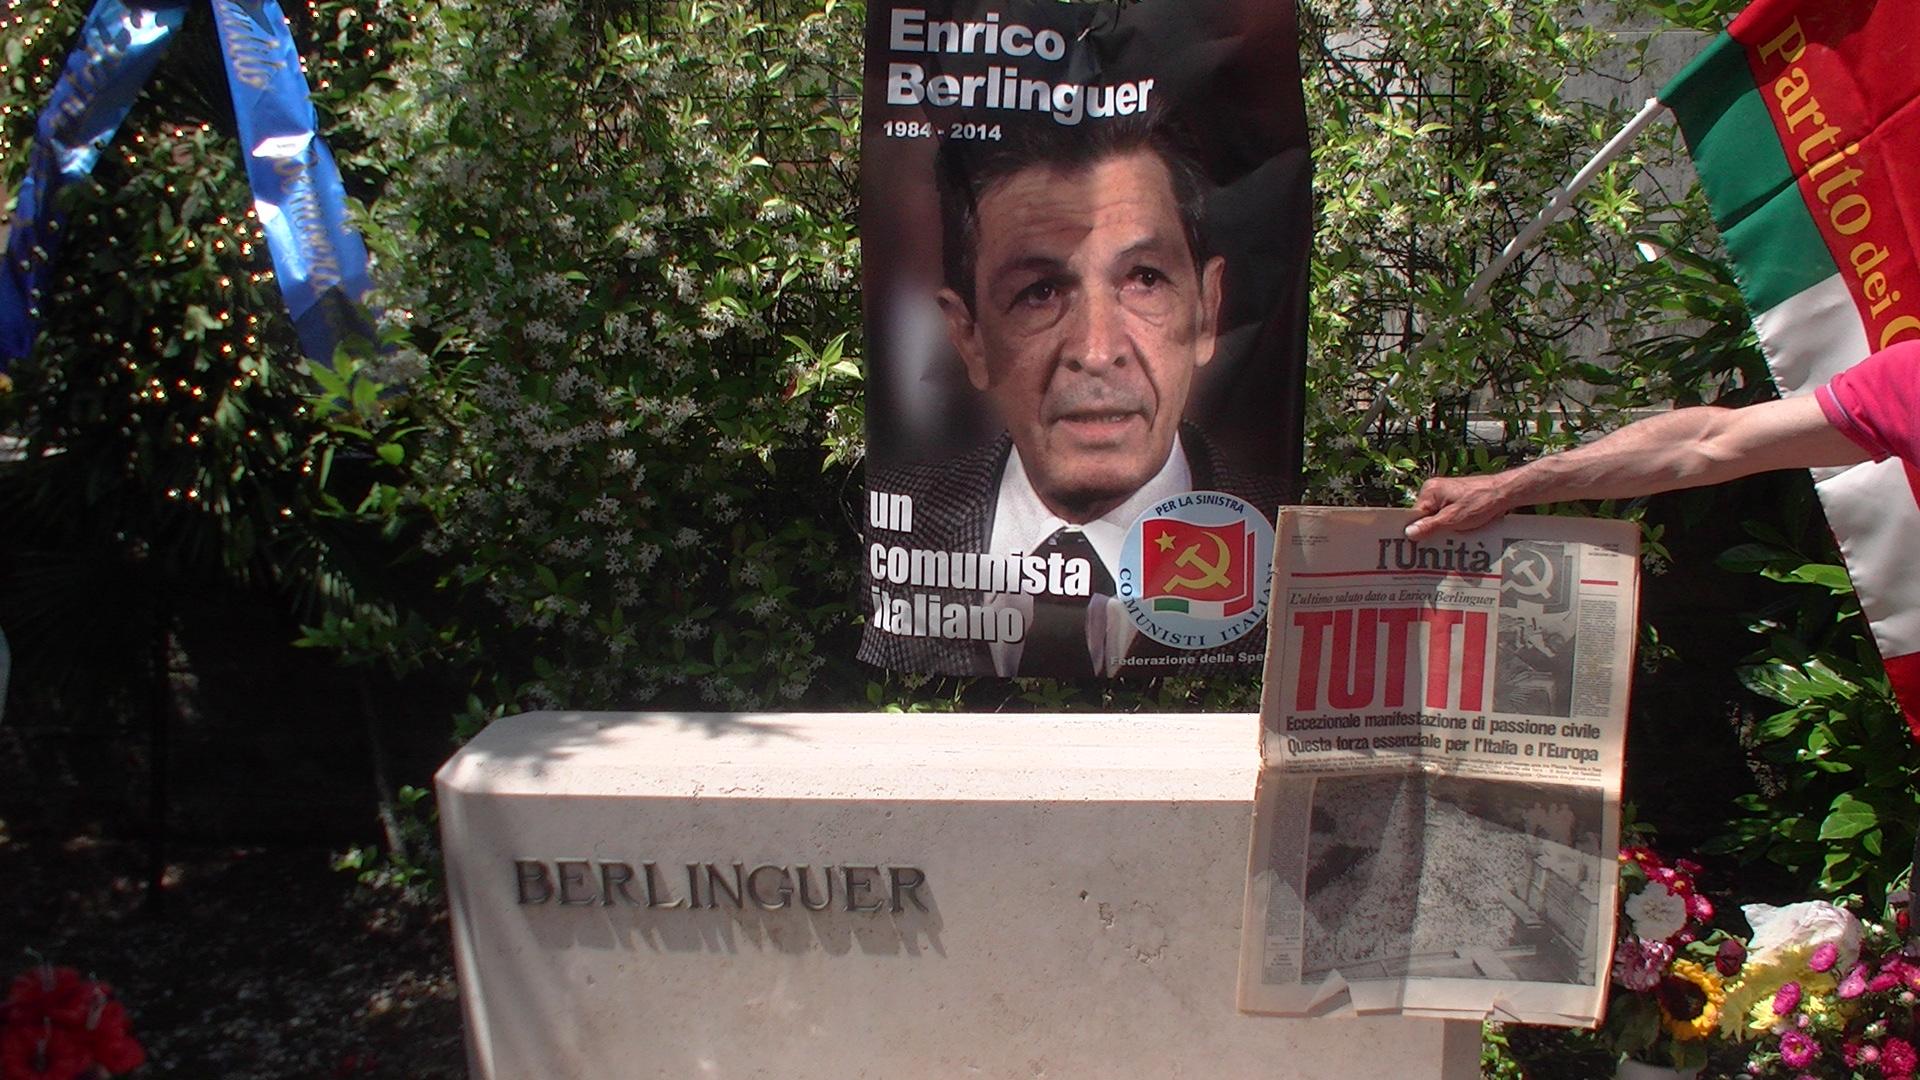 Il pdci porta il suo omaggio ad enrico berlinguer a trent - Cimitero flaminio prima porta ...